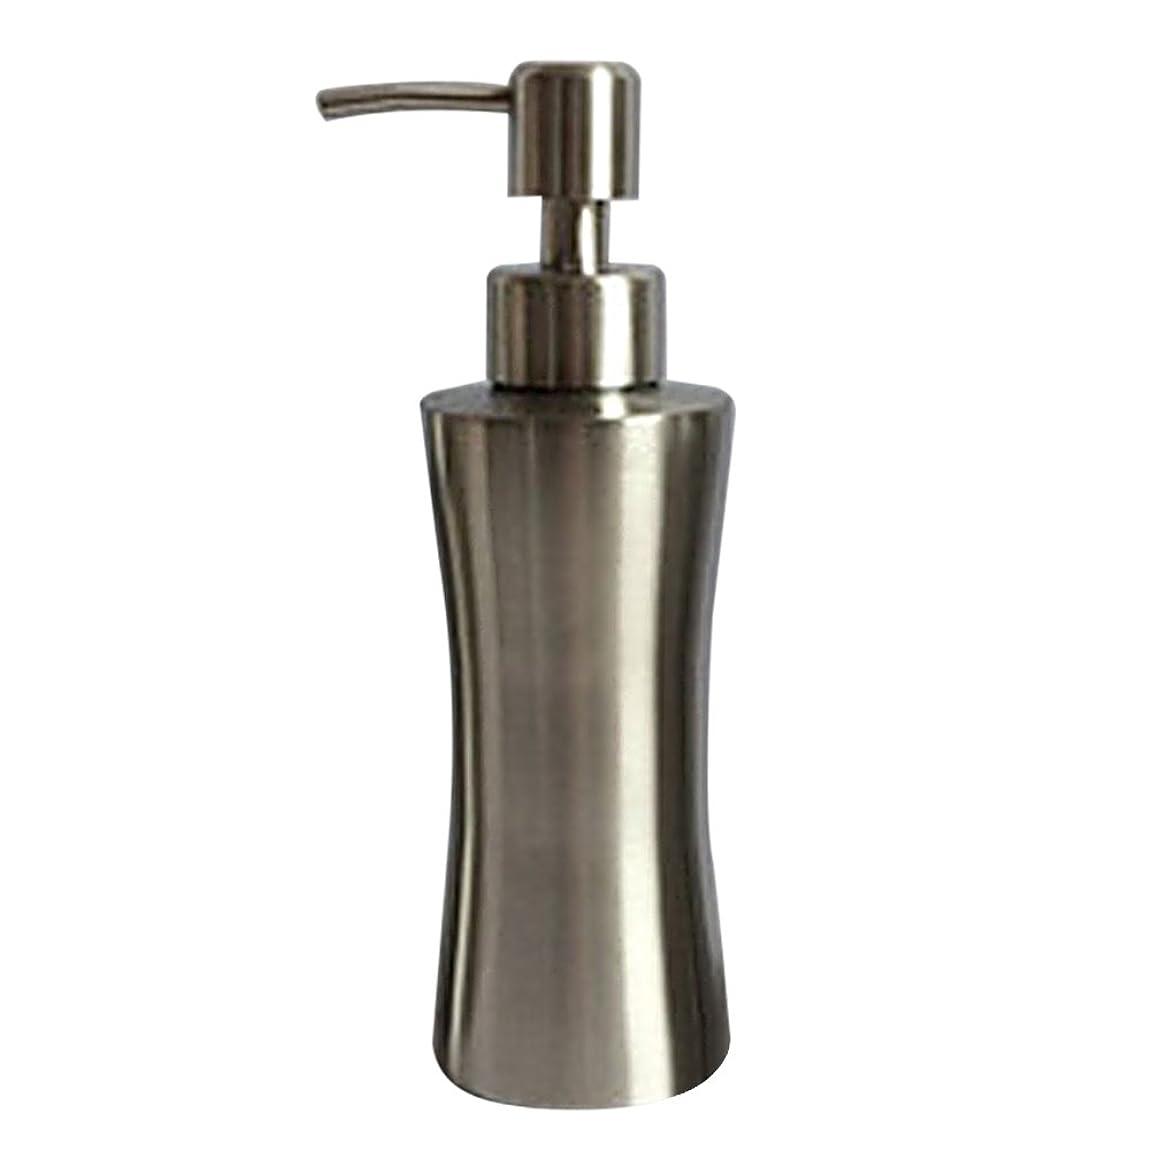 生活ホバー瞑想的ディスペンサー ステンレス ボトル 容器 ソープ 石鹸 シャンプー 手洗いボトル 耐久性 錆びない 220ml/250ml/400ml (B:250ml)